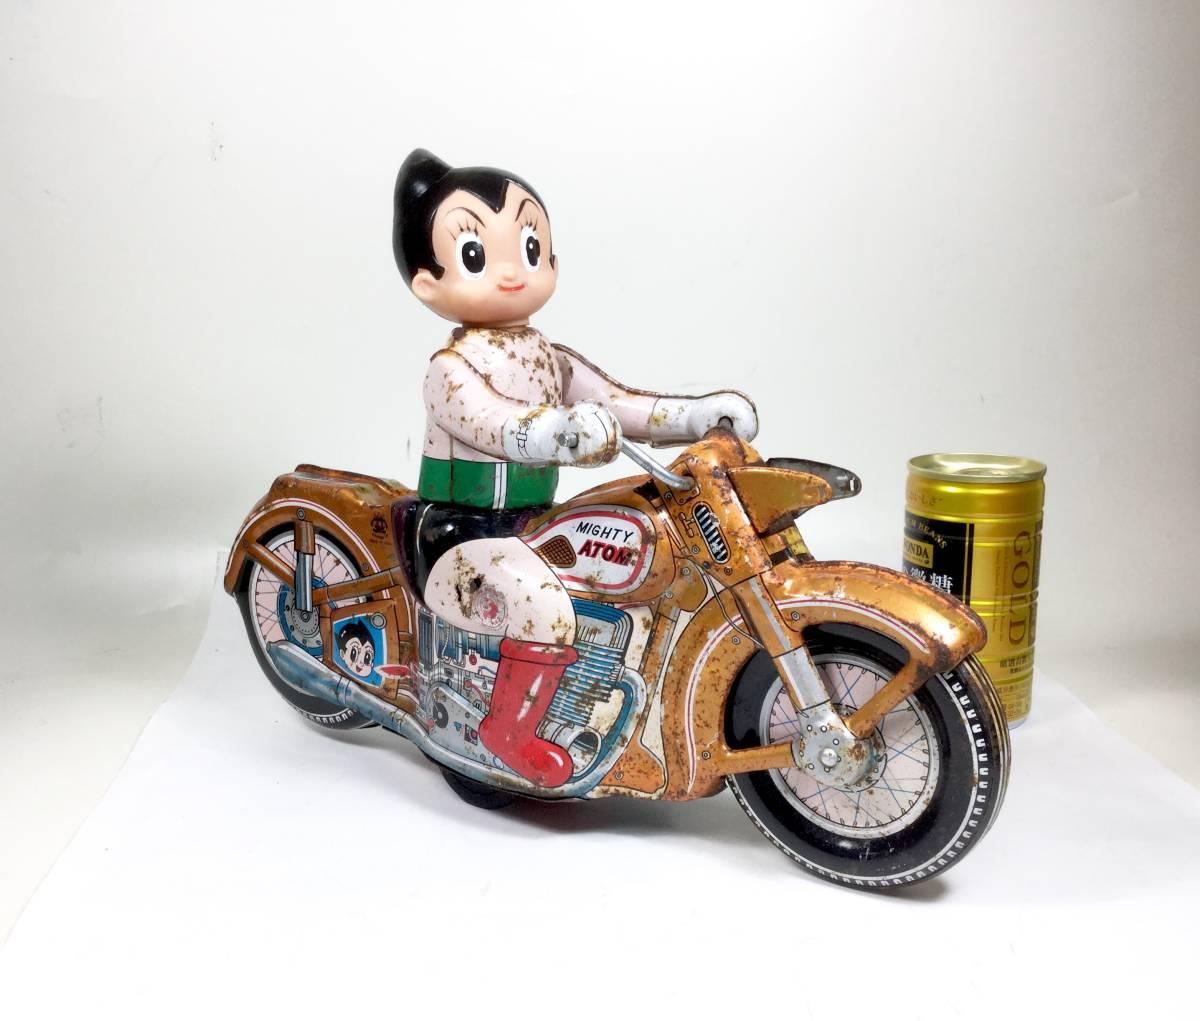 鉄腕アトム 浅草玩具 オートバイ 大型サイズ 1960年代 当時もの レトロ ビンテージ フリクション走行 バイク 虫プロ